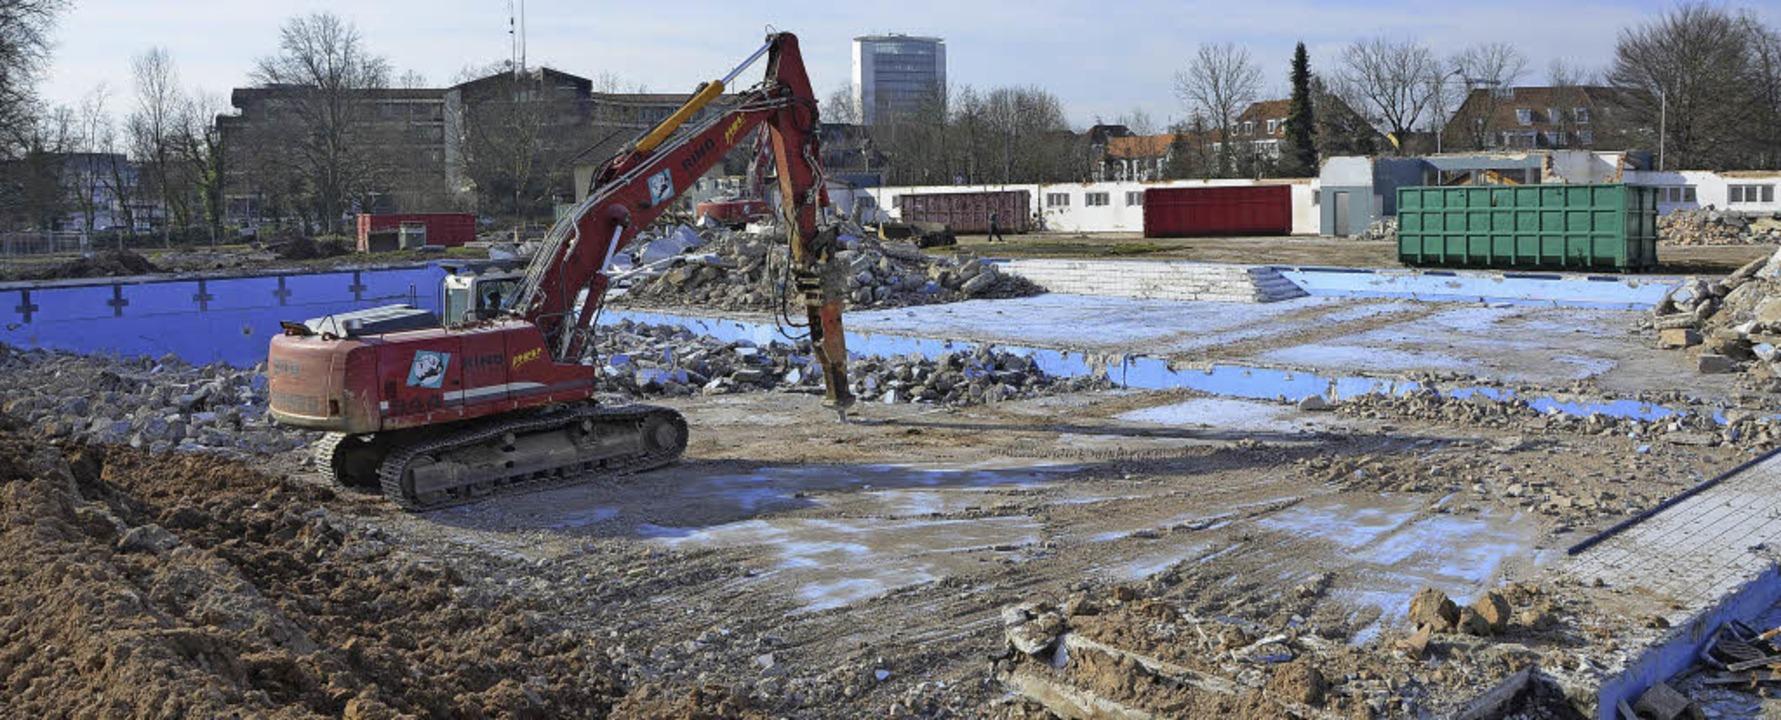 Bagger  statt Badefreuden: Das Stegermatt-Freibad in Offenburg wird abgerissen  | Foto: Helmut Seller